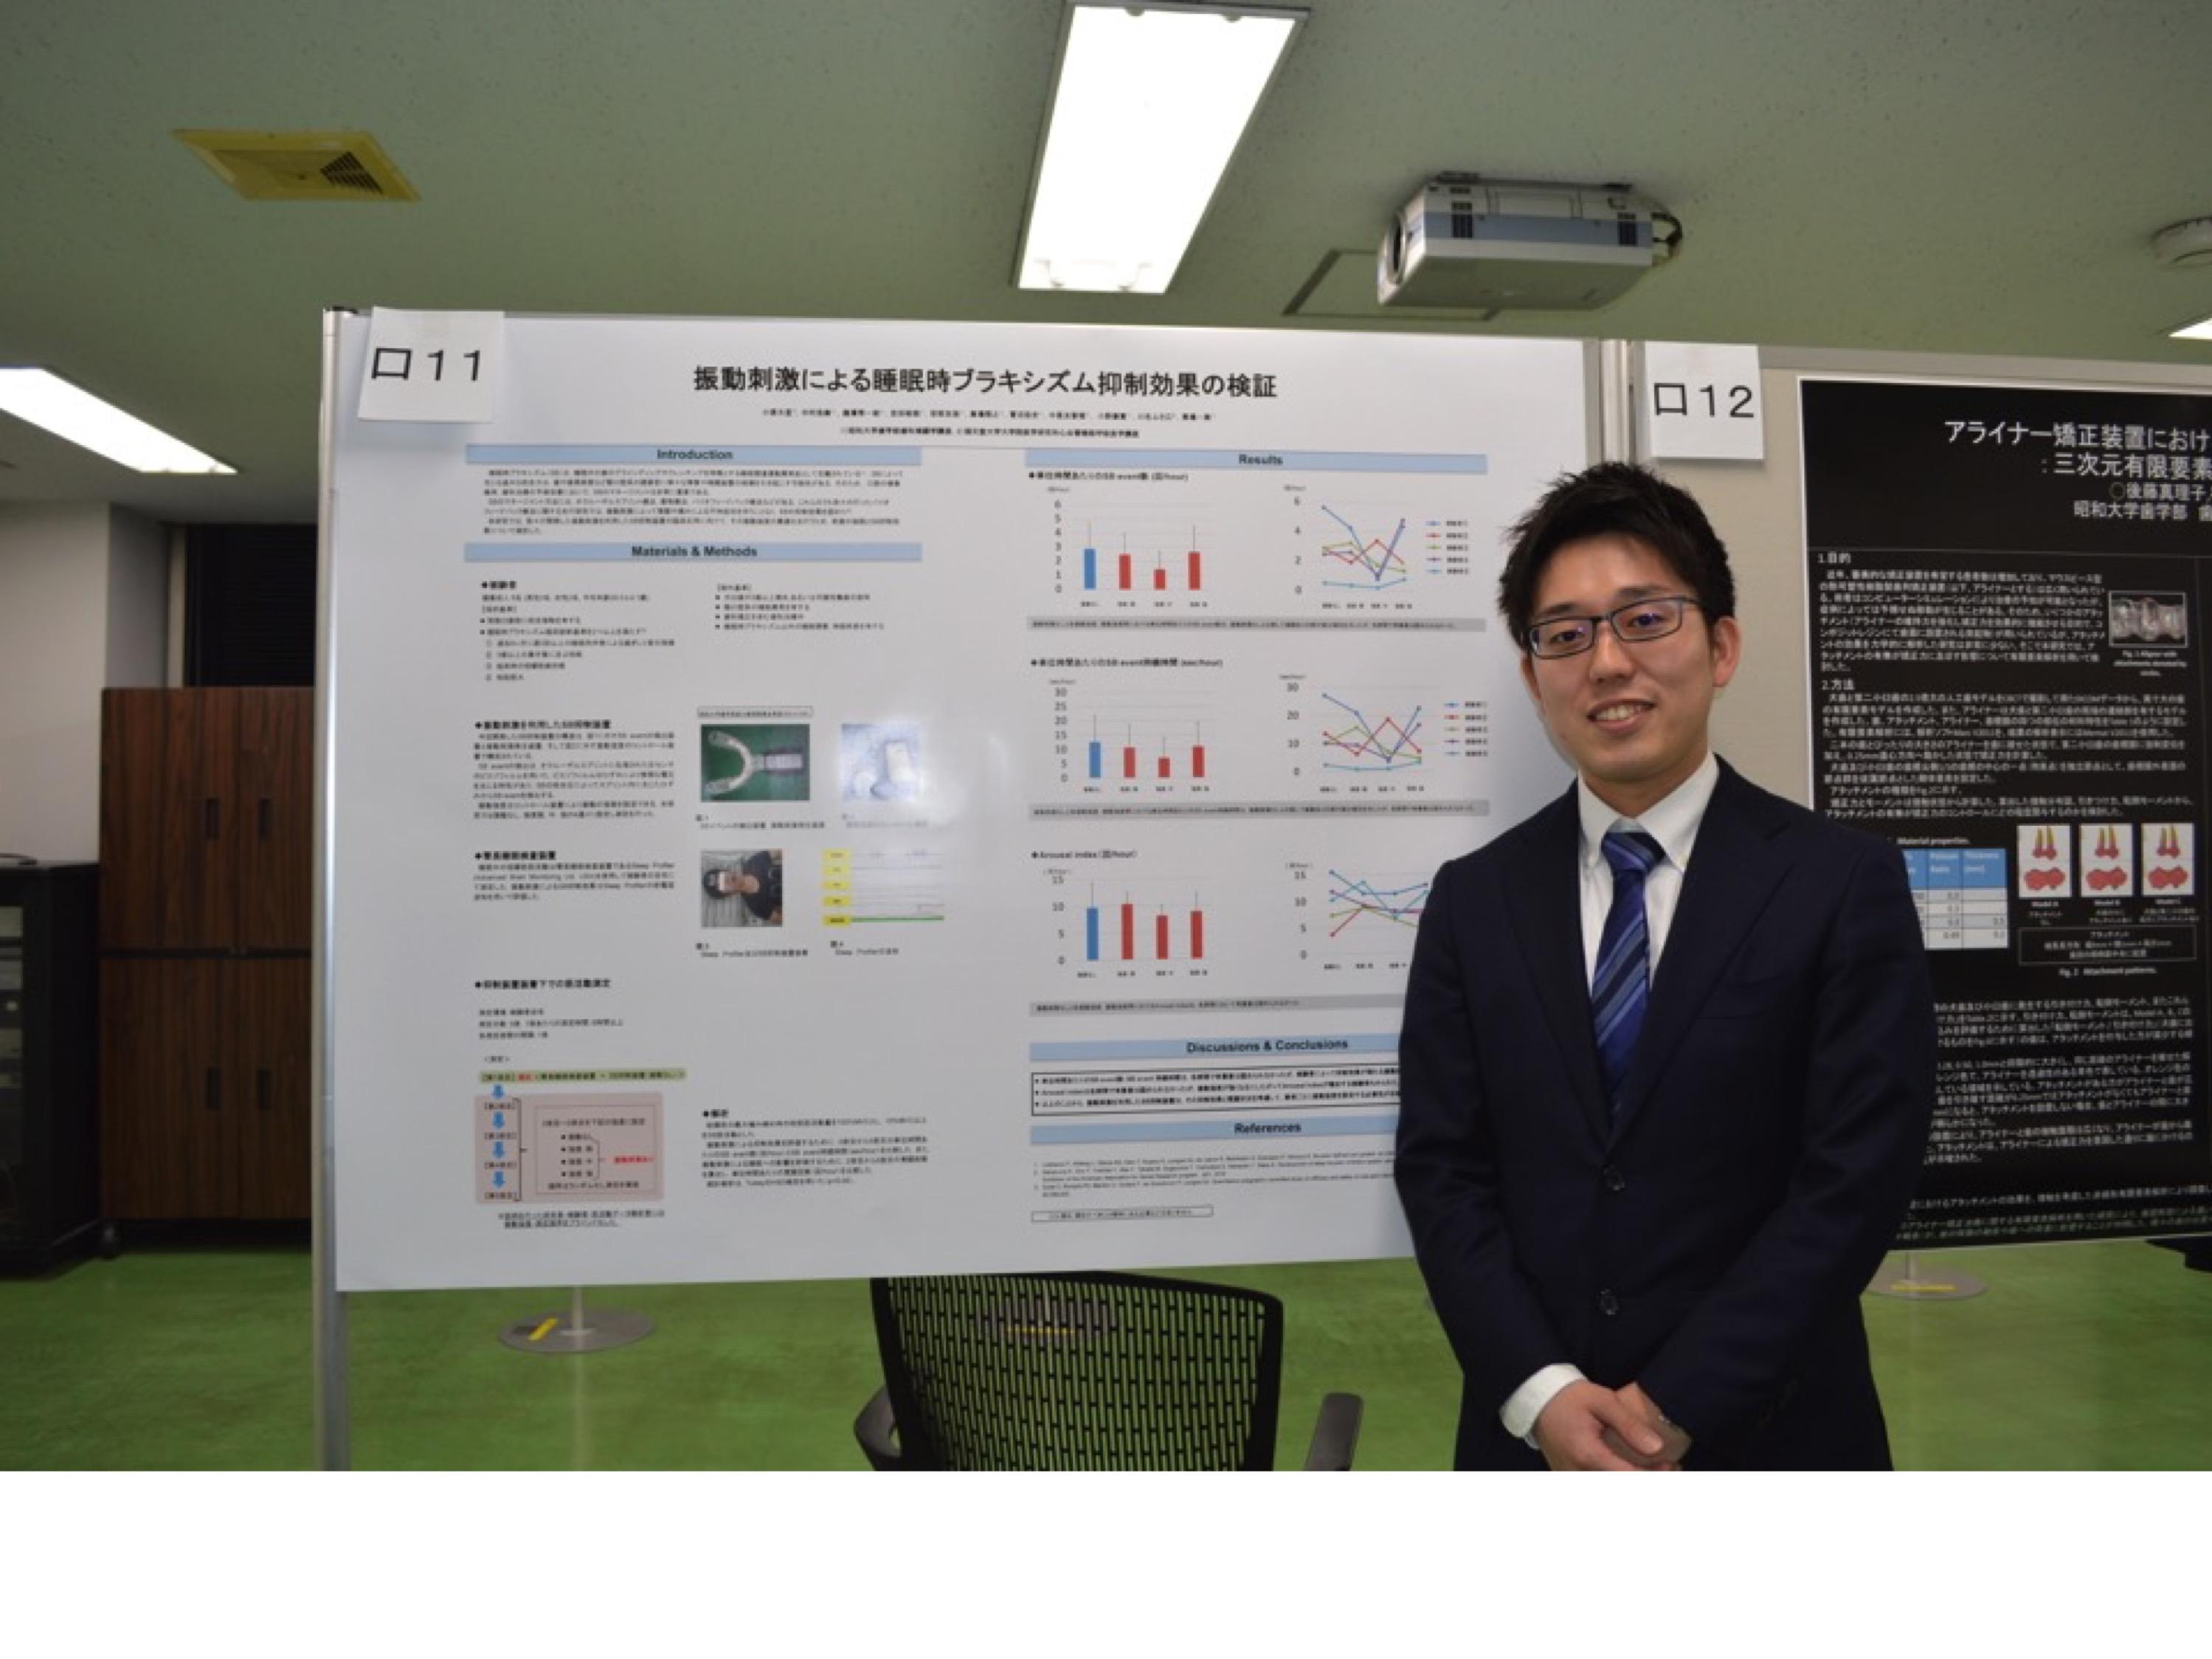 昭和大学歯学部文部科学省私立大学戦略的研究基盤形成支援事業 平成29年度シンポジウム